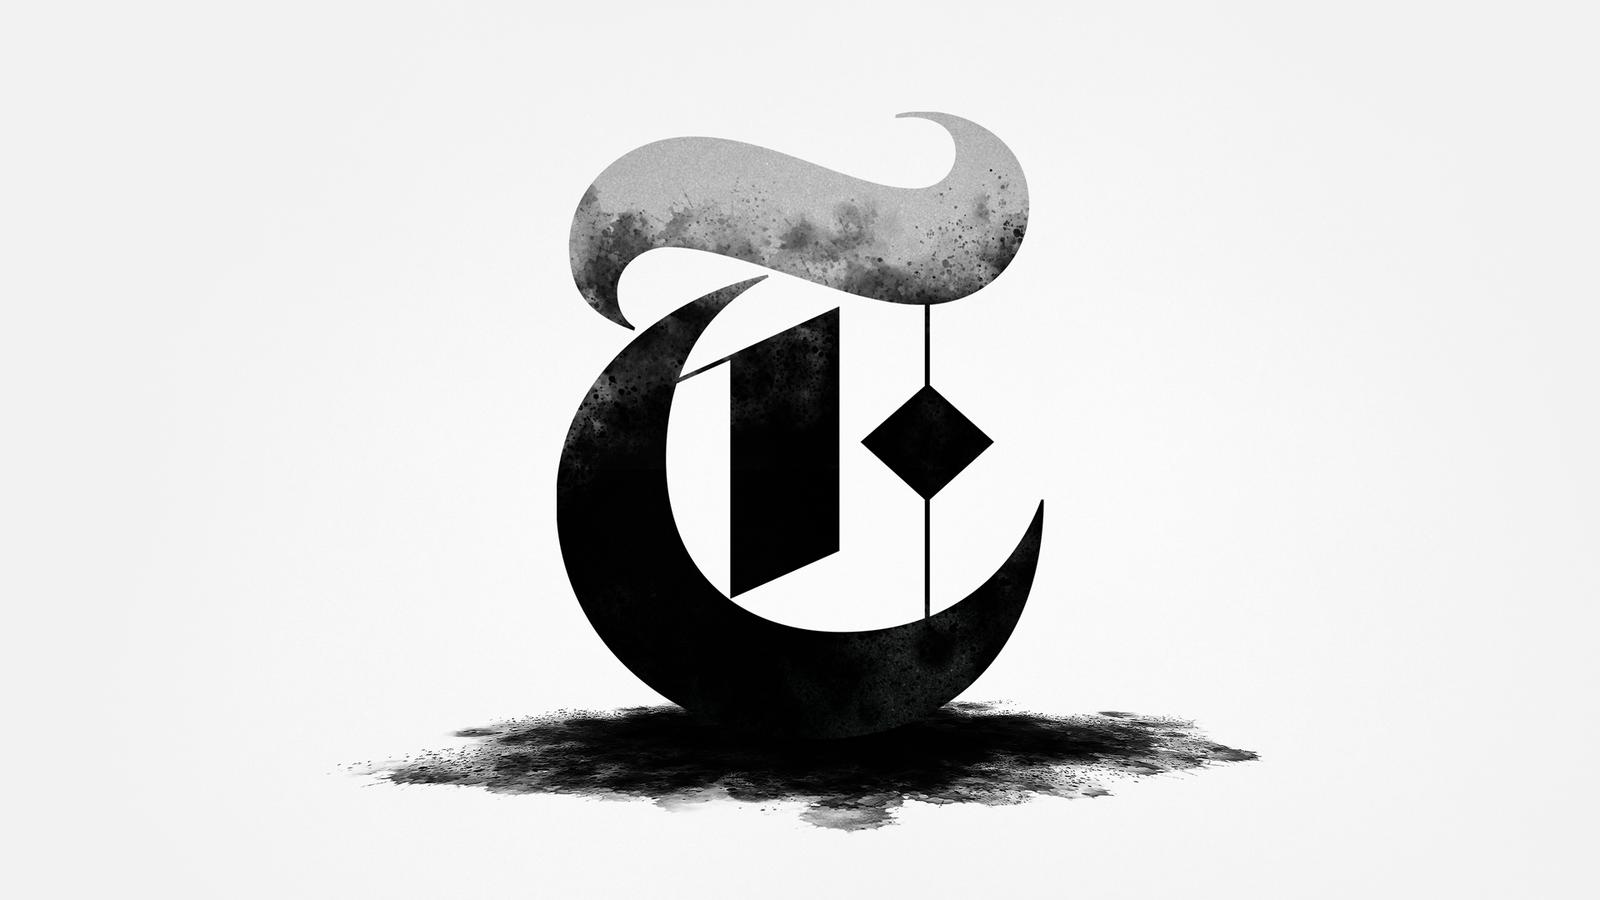 The Reporter Who Exposed New York Times Star Glenn Thrush's